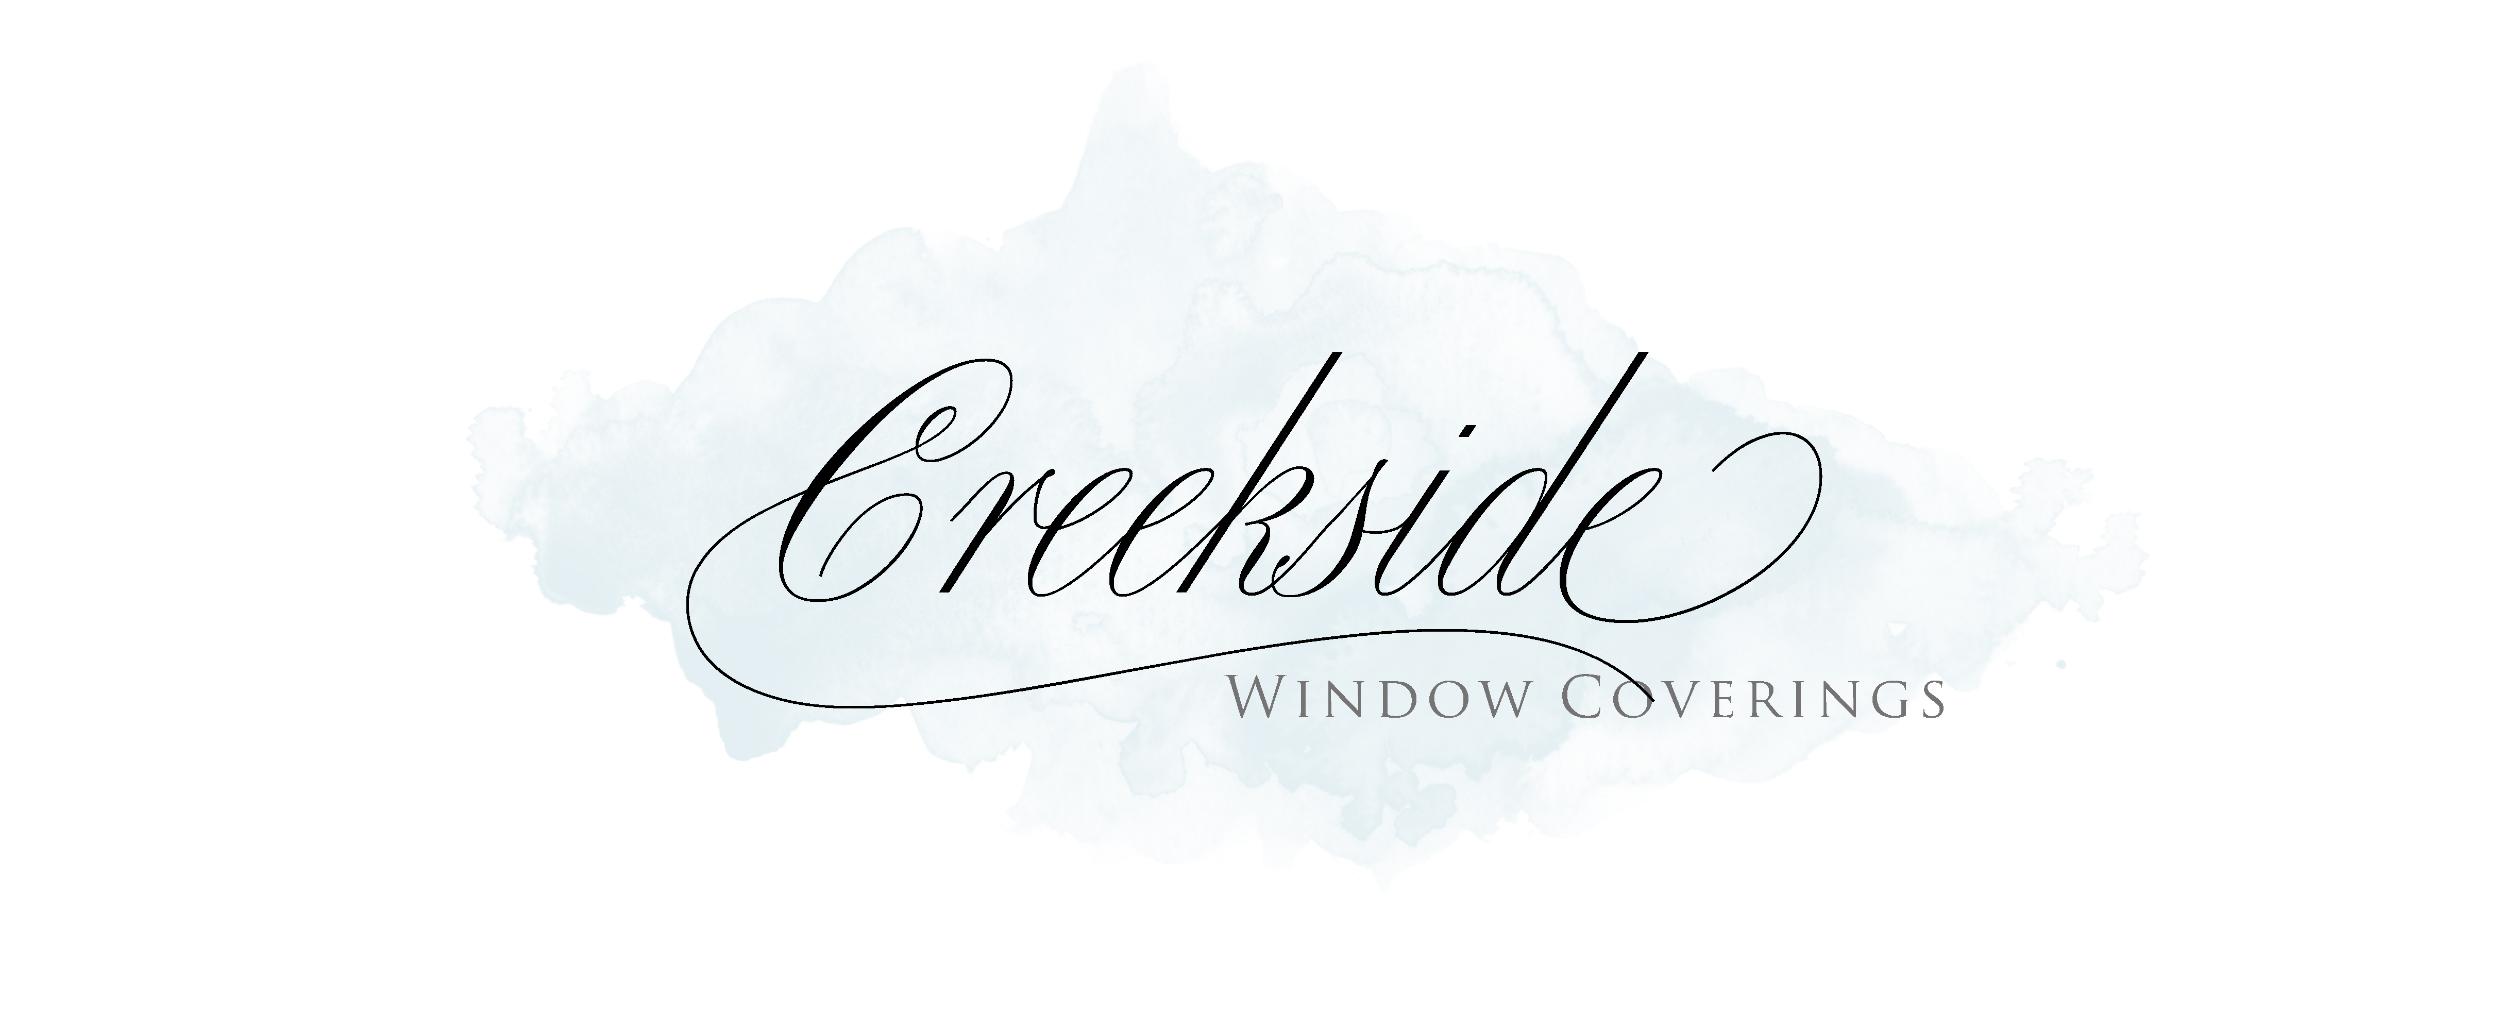 Creekside Window Coverings